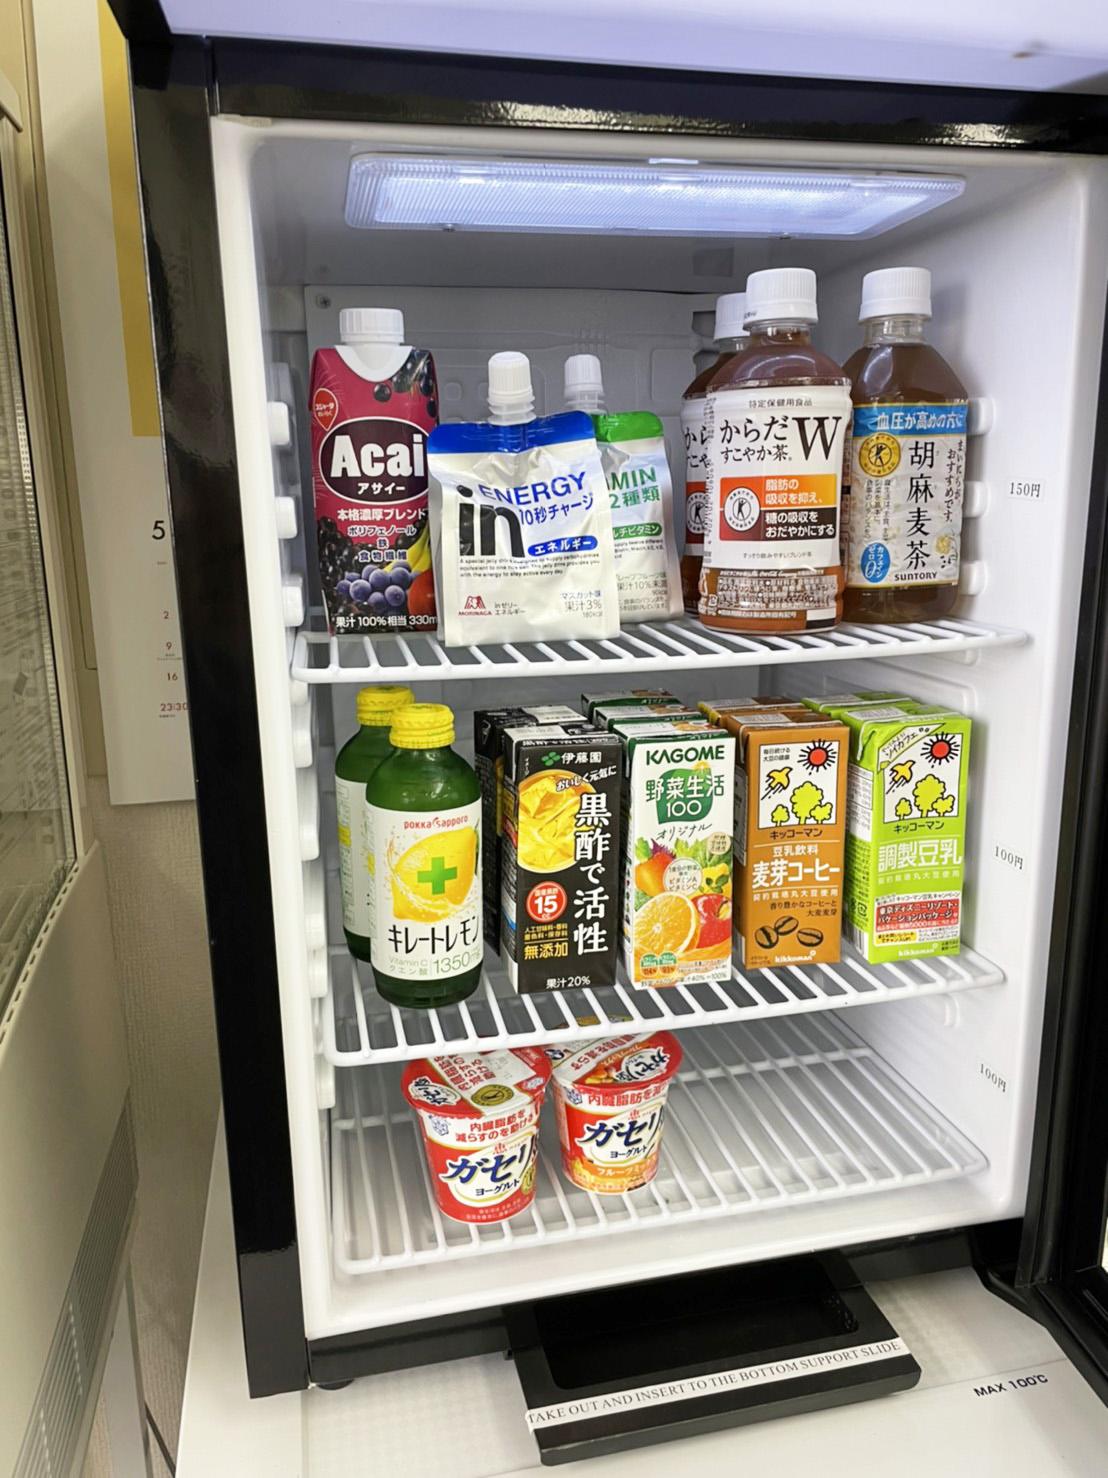 6階 フリースペースの冷蔵庫の商品